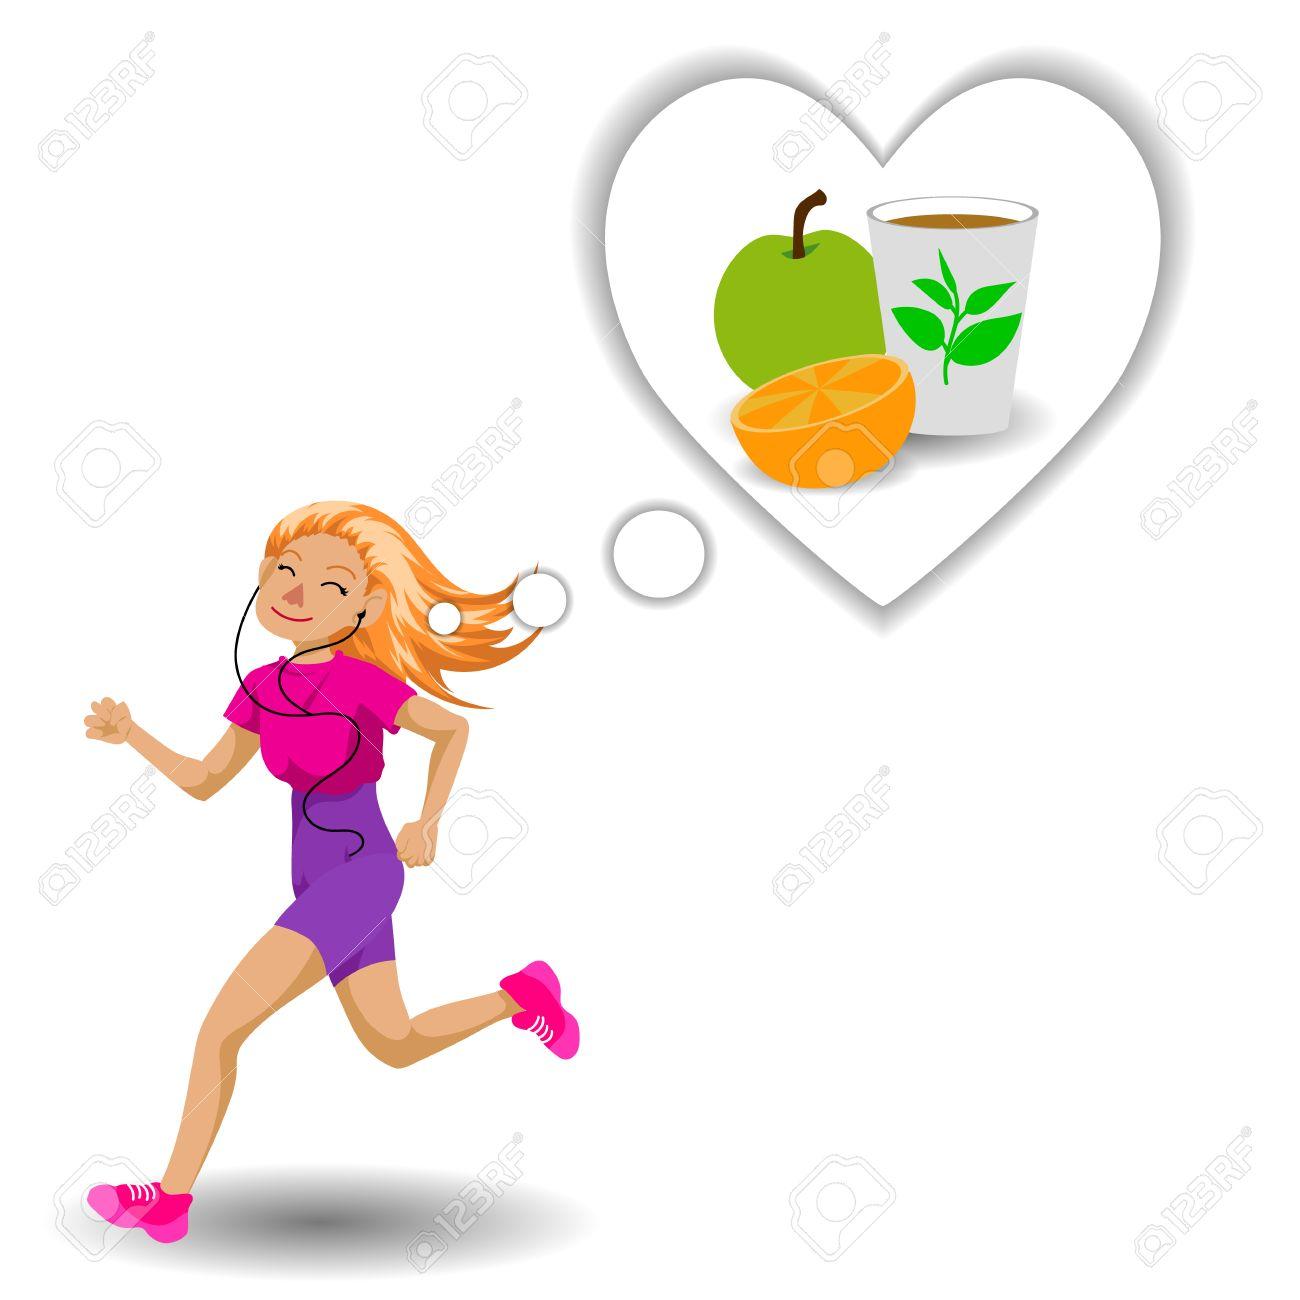 7 Estilos De Vida Saludables Para Niños Y Adultos Blog Mi Salud